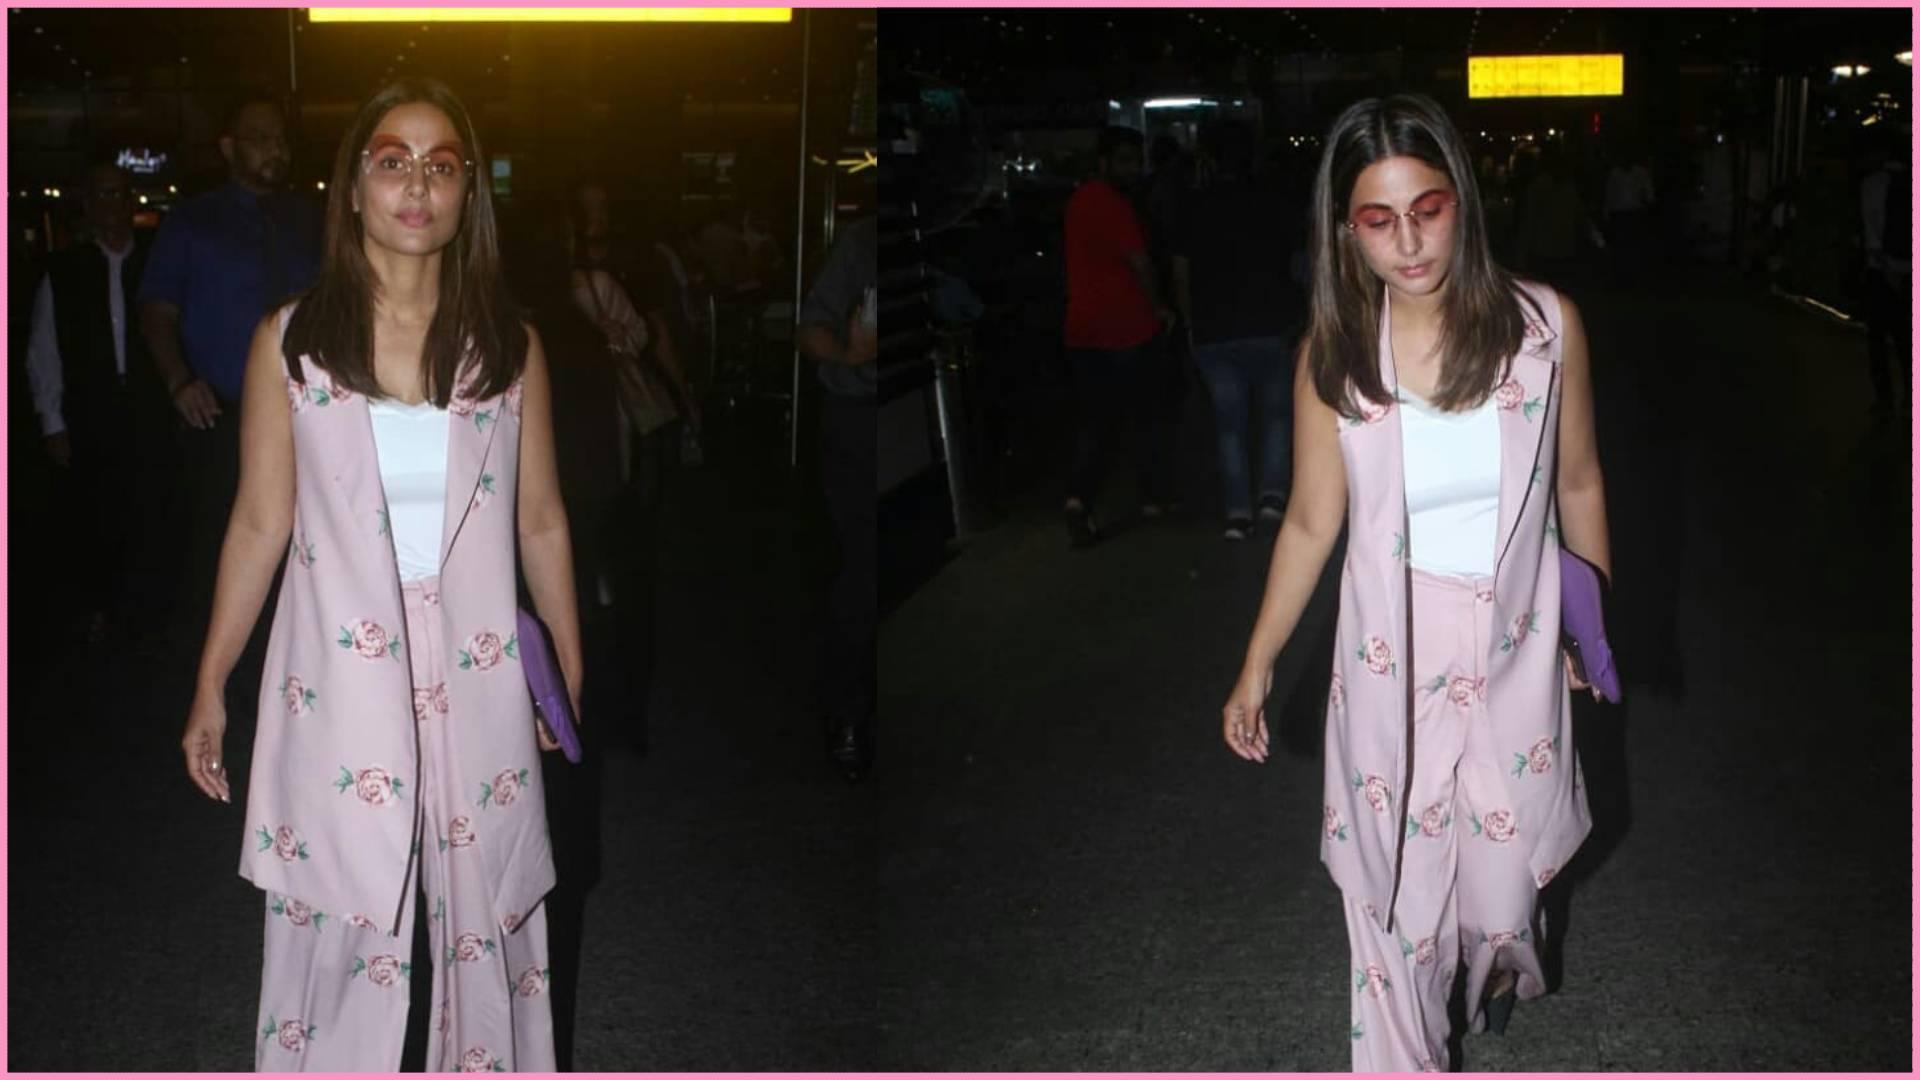 हिना खान जब बिना मेकअप एयरपोर्ट पर हुईं स्पॉट, तो सोशल मीडिया पर ट्रोलर्स ने उड़ाया मजाक, देखिए तस्वीरें